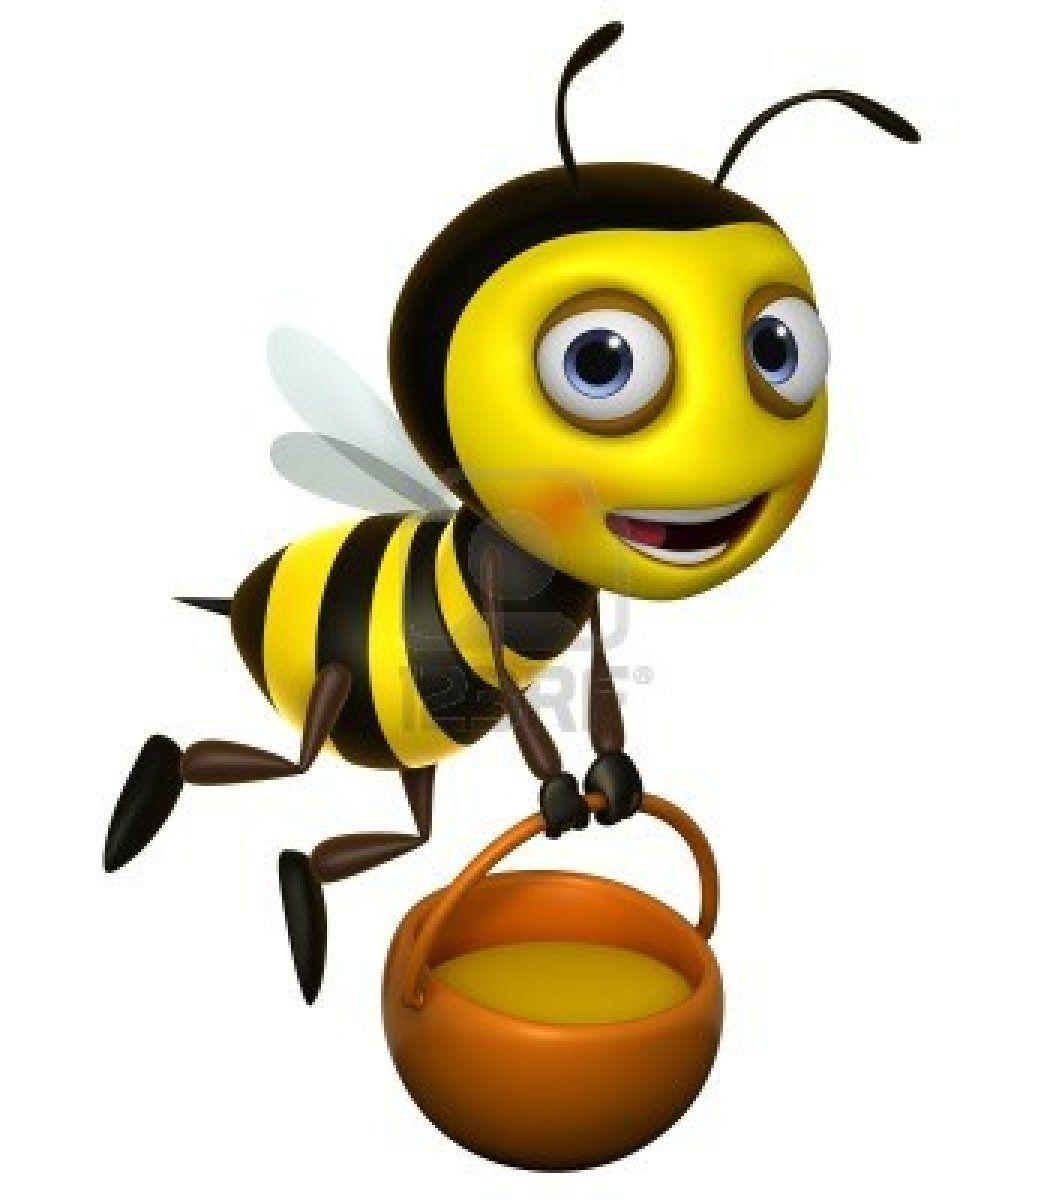 honey bees cute honey bee clipart clipart panda free clipart rh pinterest com Mean Hornet Clip Art Hornet Mascot Logos